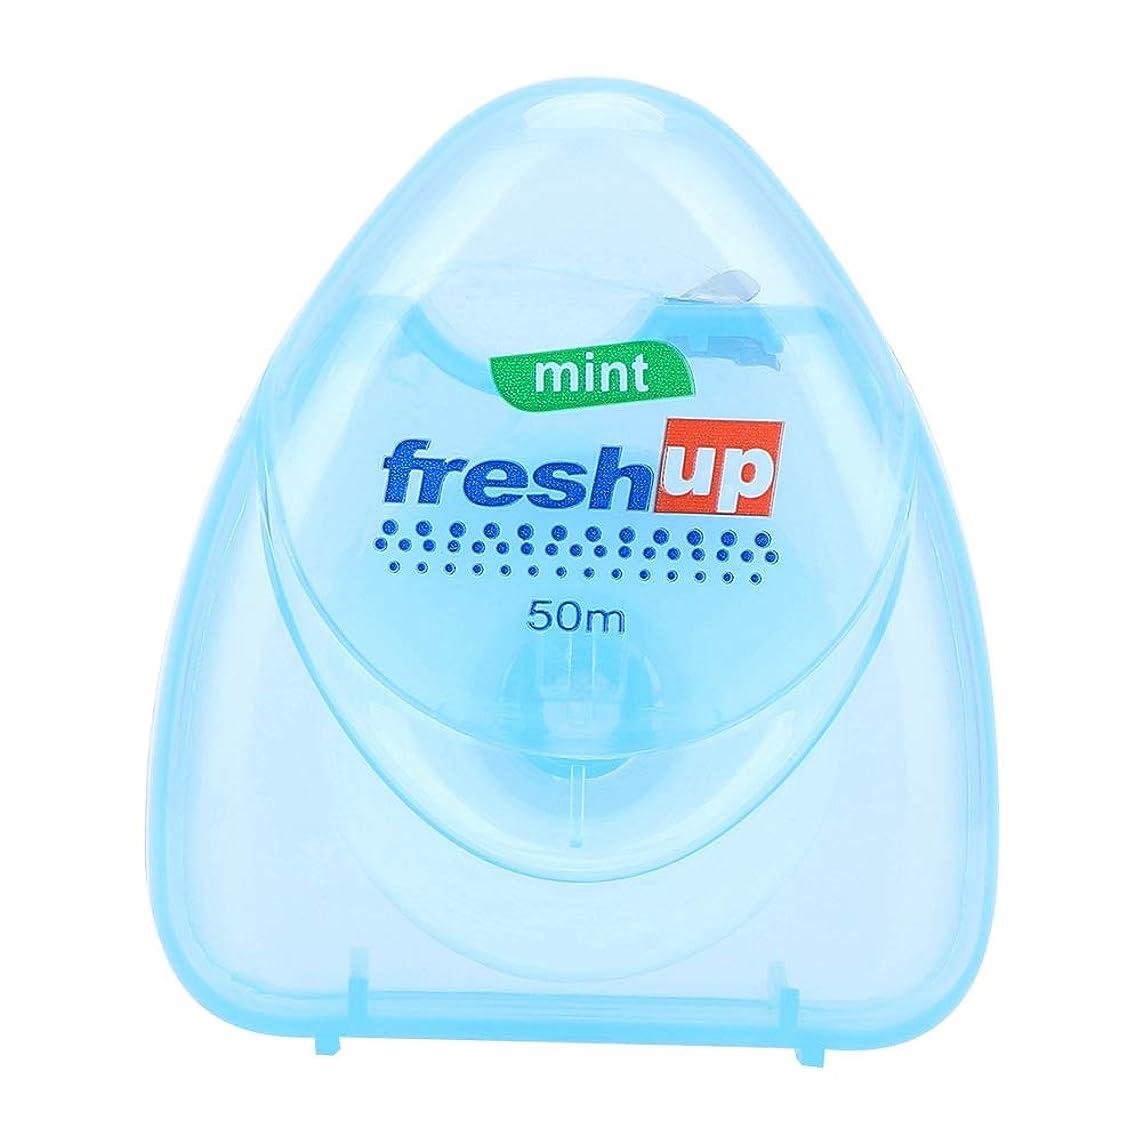 理解するモールガウンデンタルフロス、50mデンタルフロスの歯の汚れの除去の歯の洗剤大人の世話の歯のために適した衛生用品